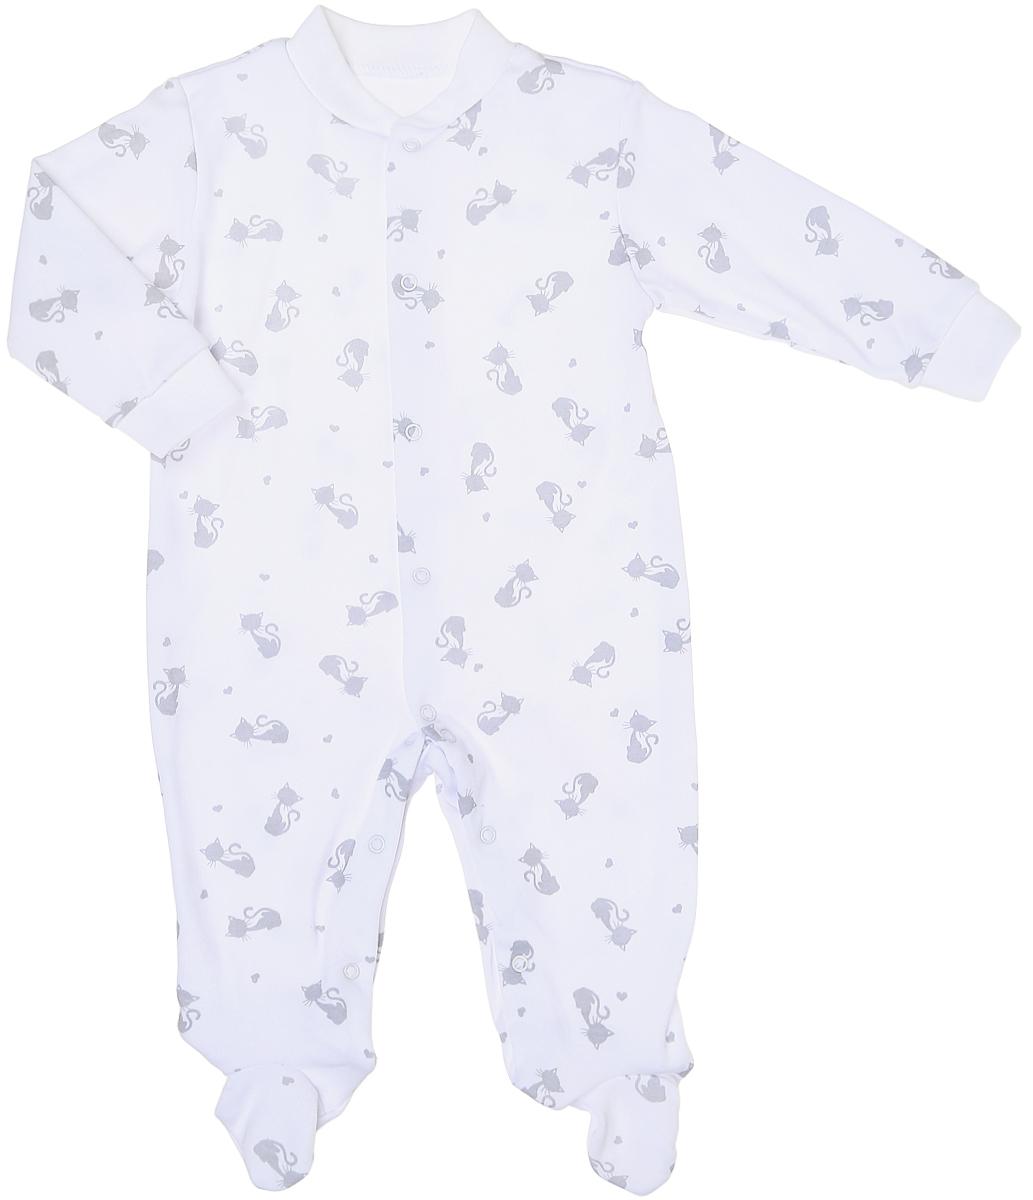 Комбинезон детский Фреш Стайл, цвет: белый. 33-526. Размер 74, 9 месяцев